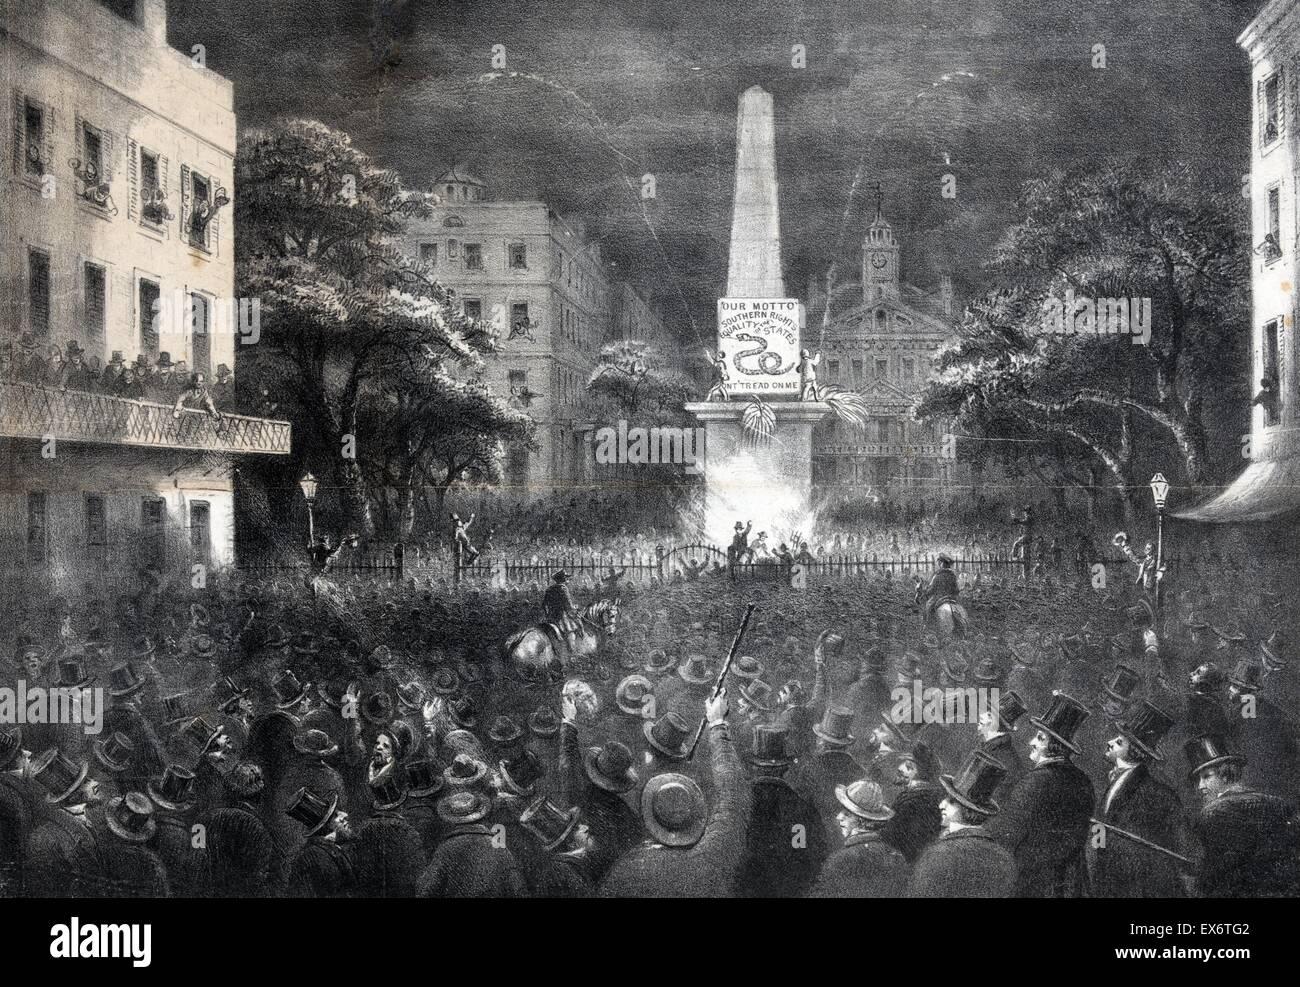 Die erste Flagge der Unabhängigkeit im Süden, von den Bürgern von Savannah, Georgia 8. November 1860 Stockbild